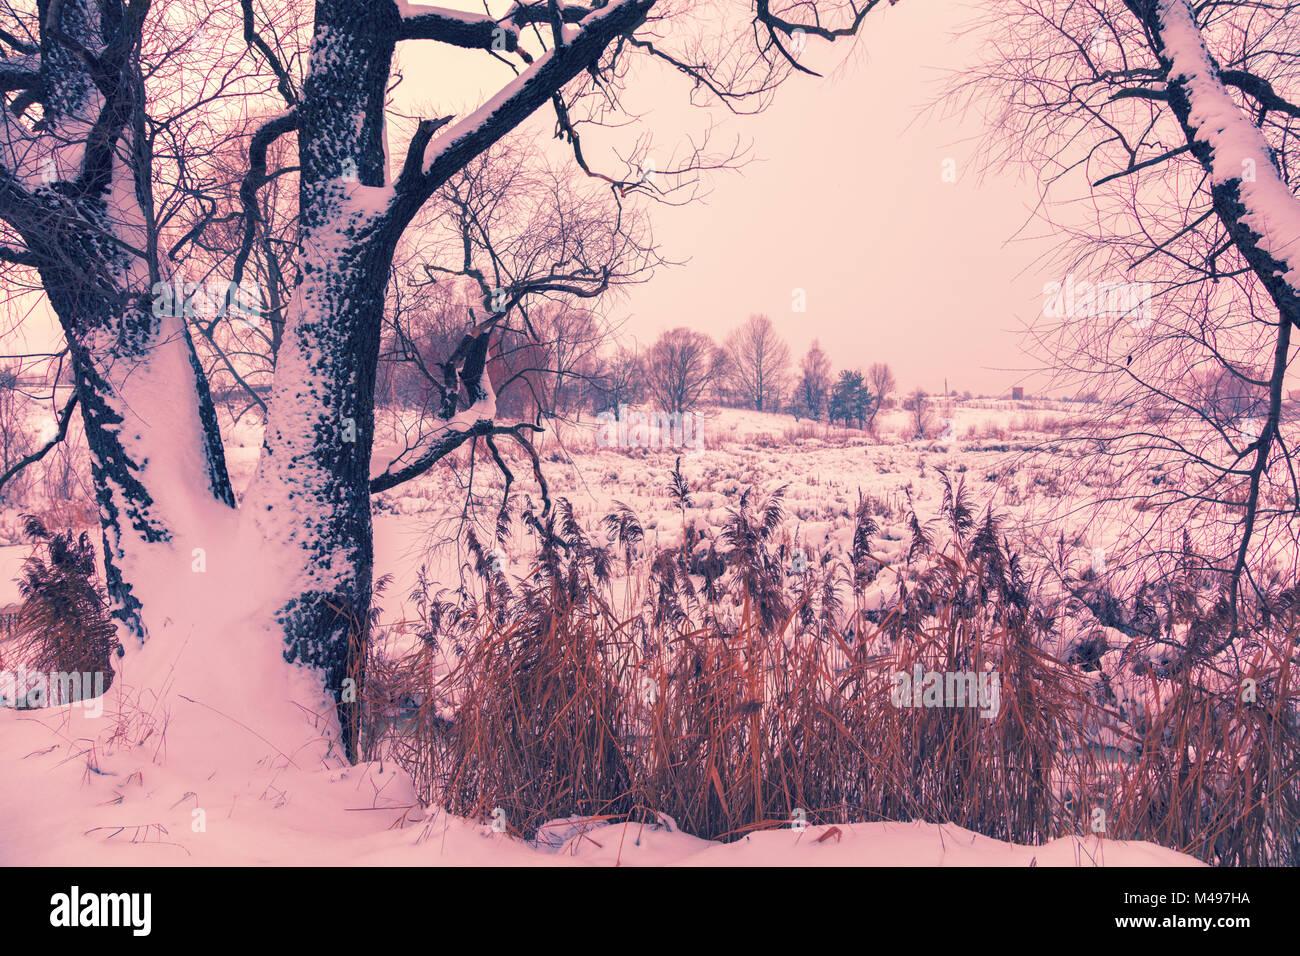 Snowy rural landscape. Tree near frozen lake - Stock Image